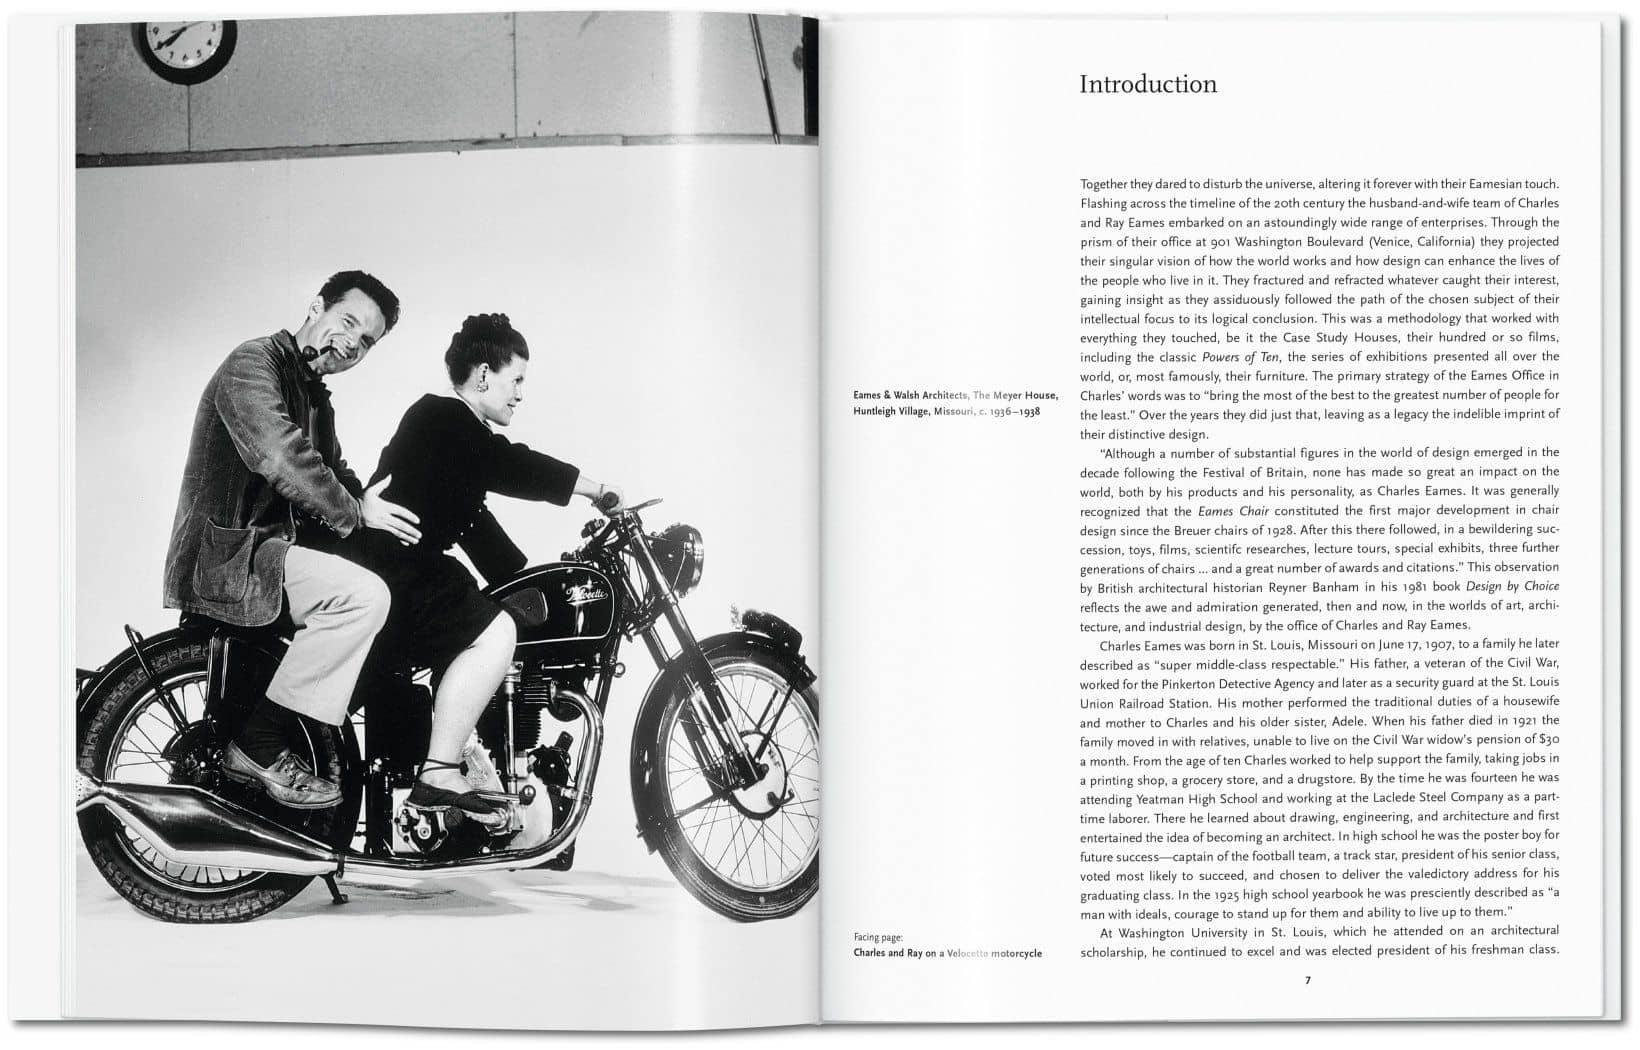 volta_taschen_Eames_book_2